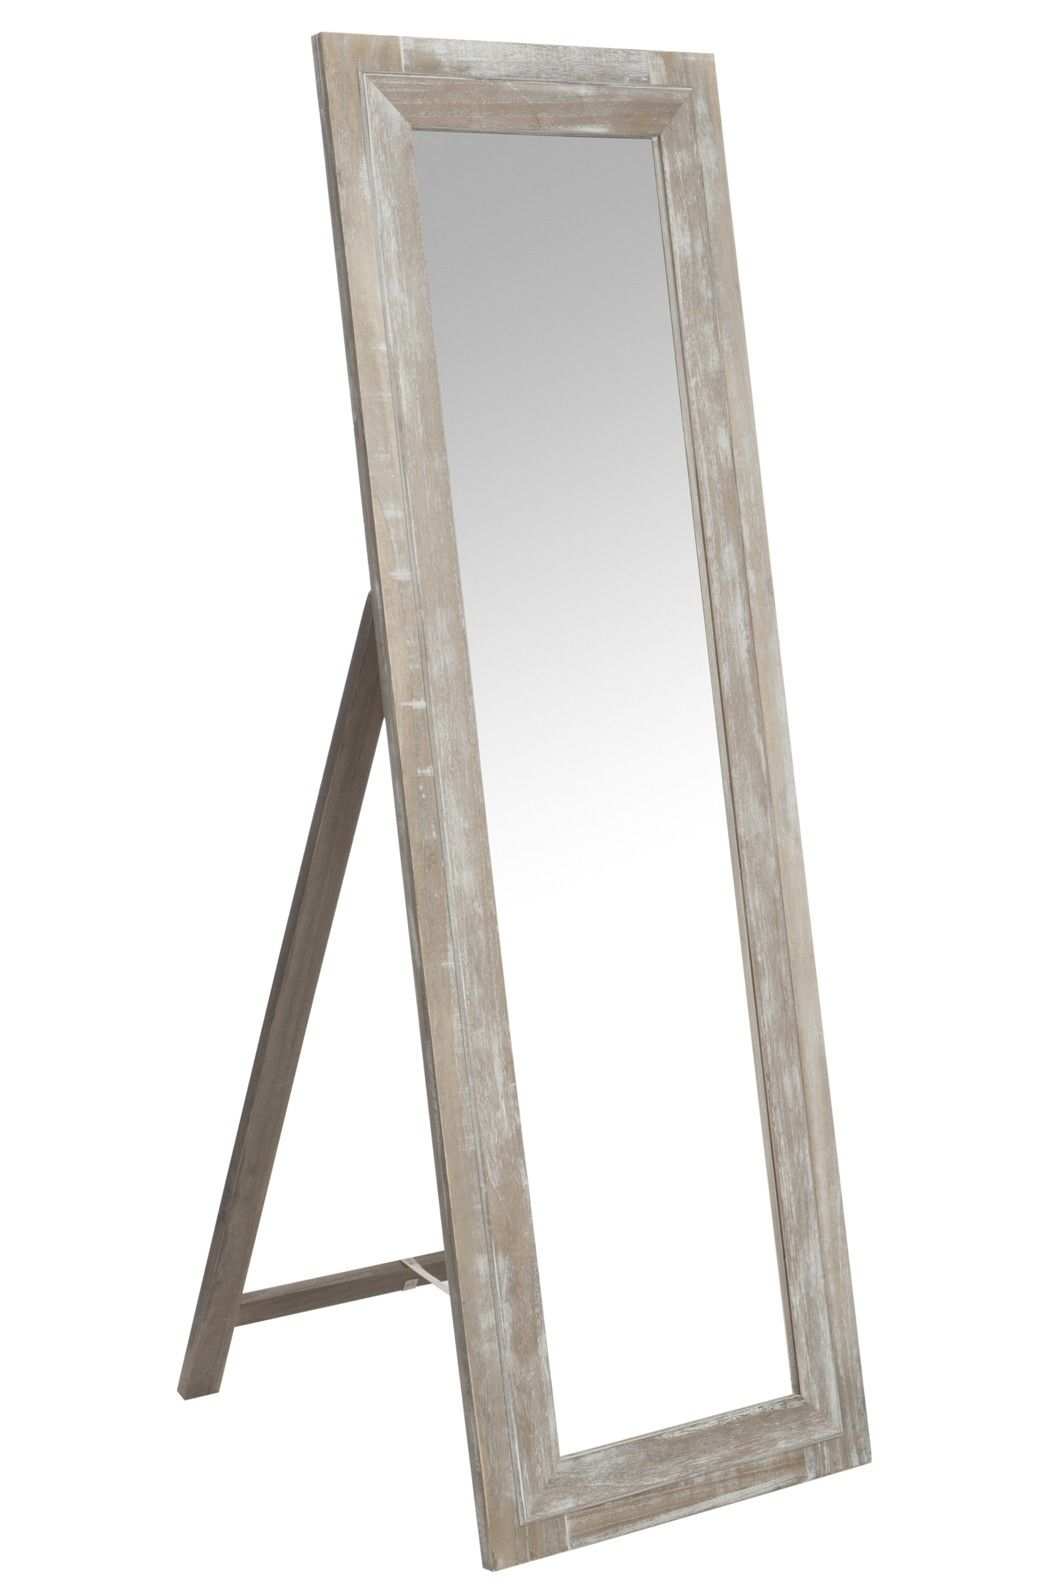 Miroir en bois rectangle sur pied 55x165cm | DECO - Miroir | Miroir ...